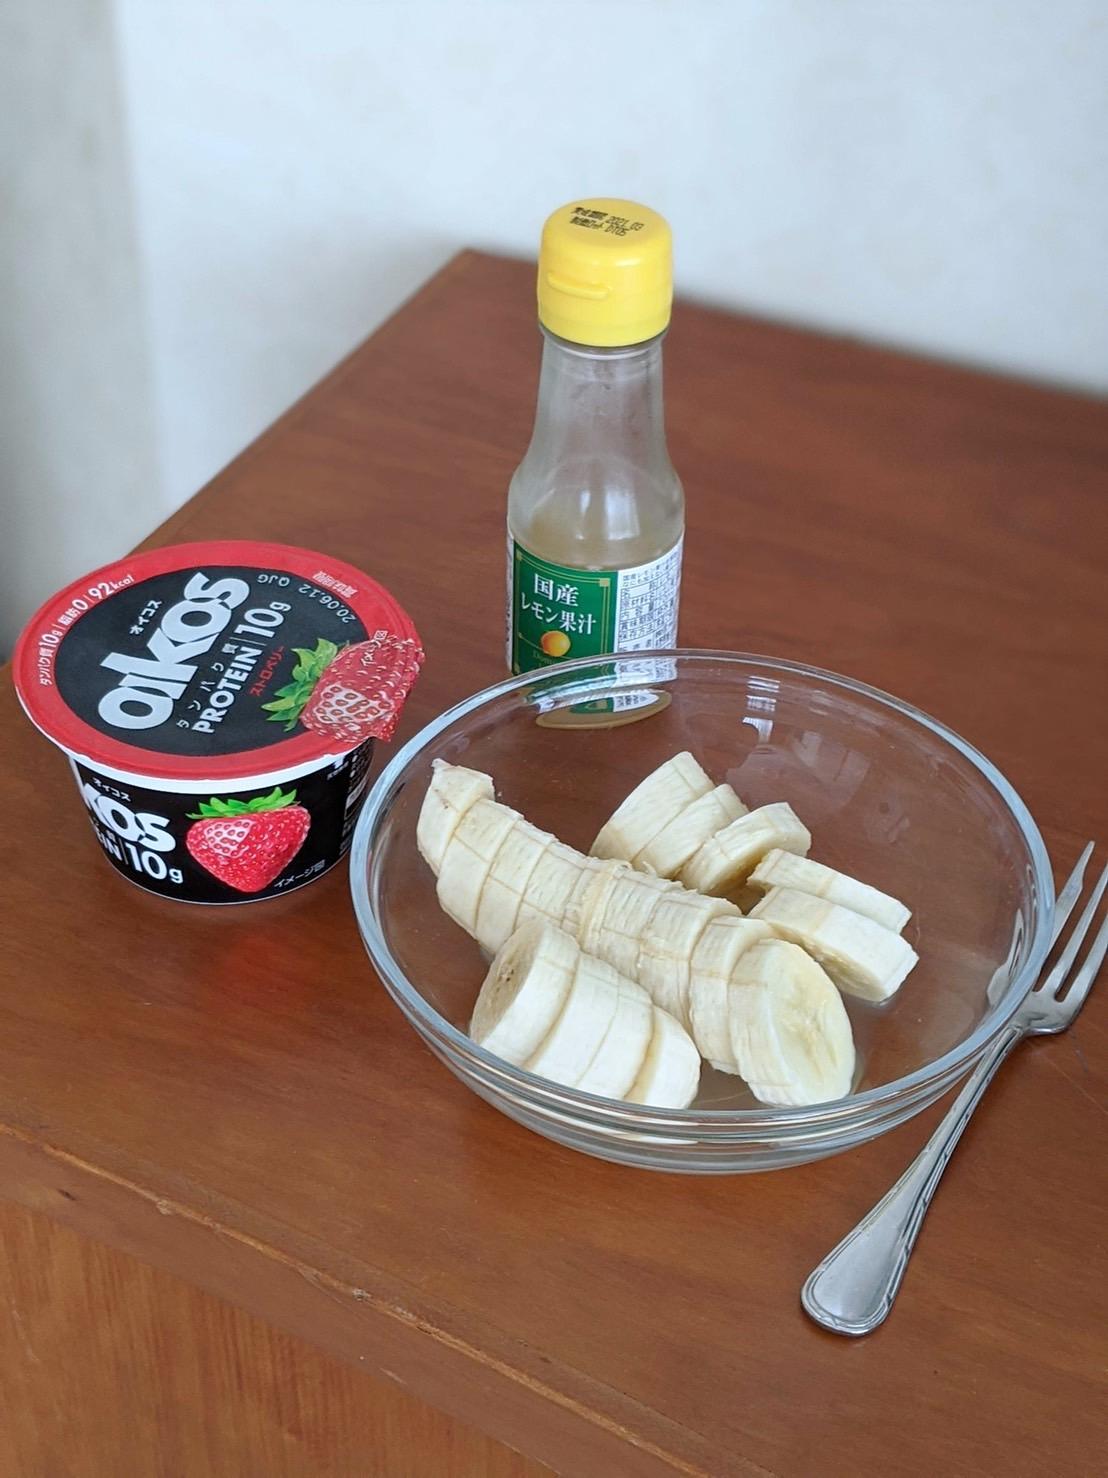 バナナは輪切りにしてレモンをかけて食べやすくする事がマイブームです。